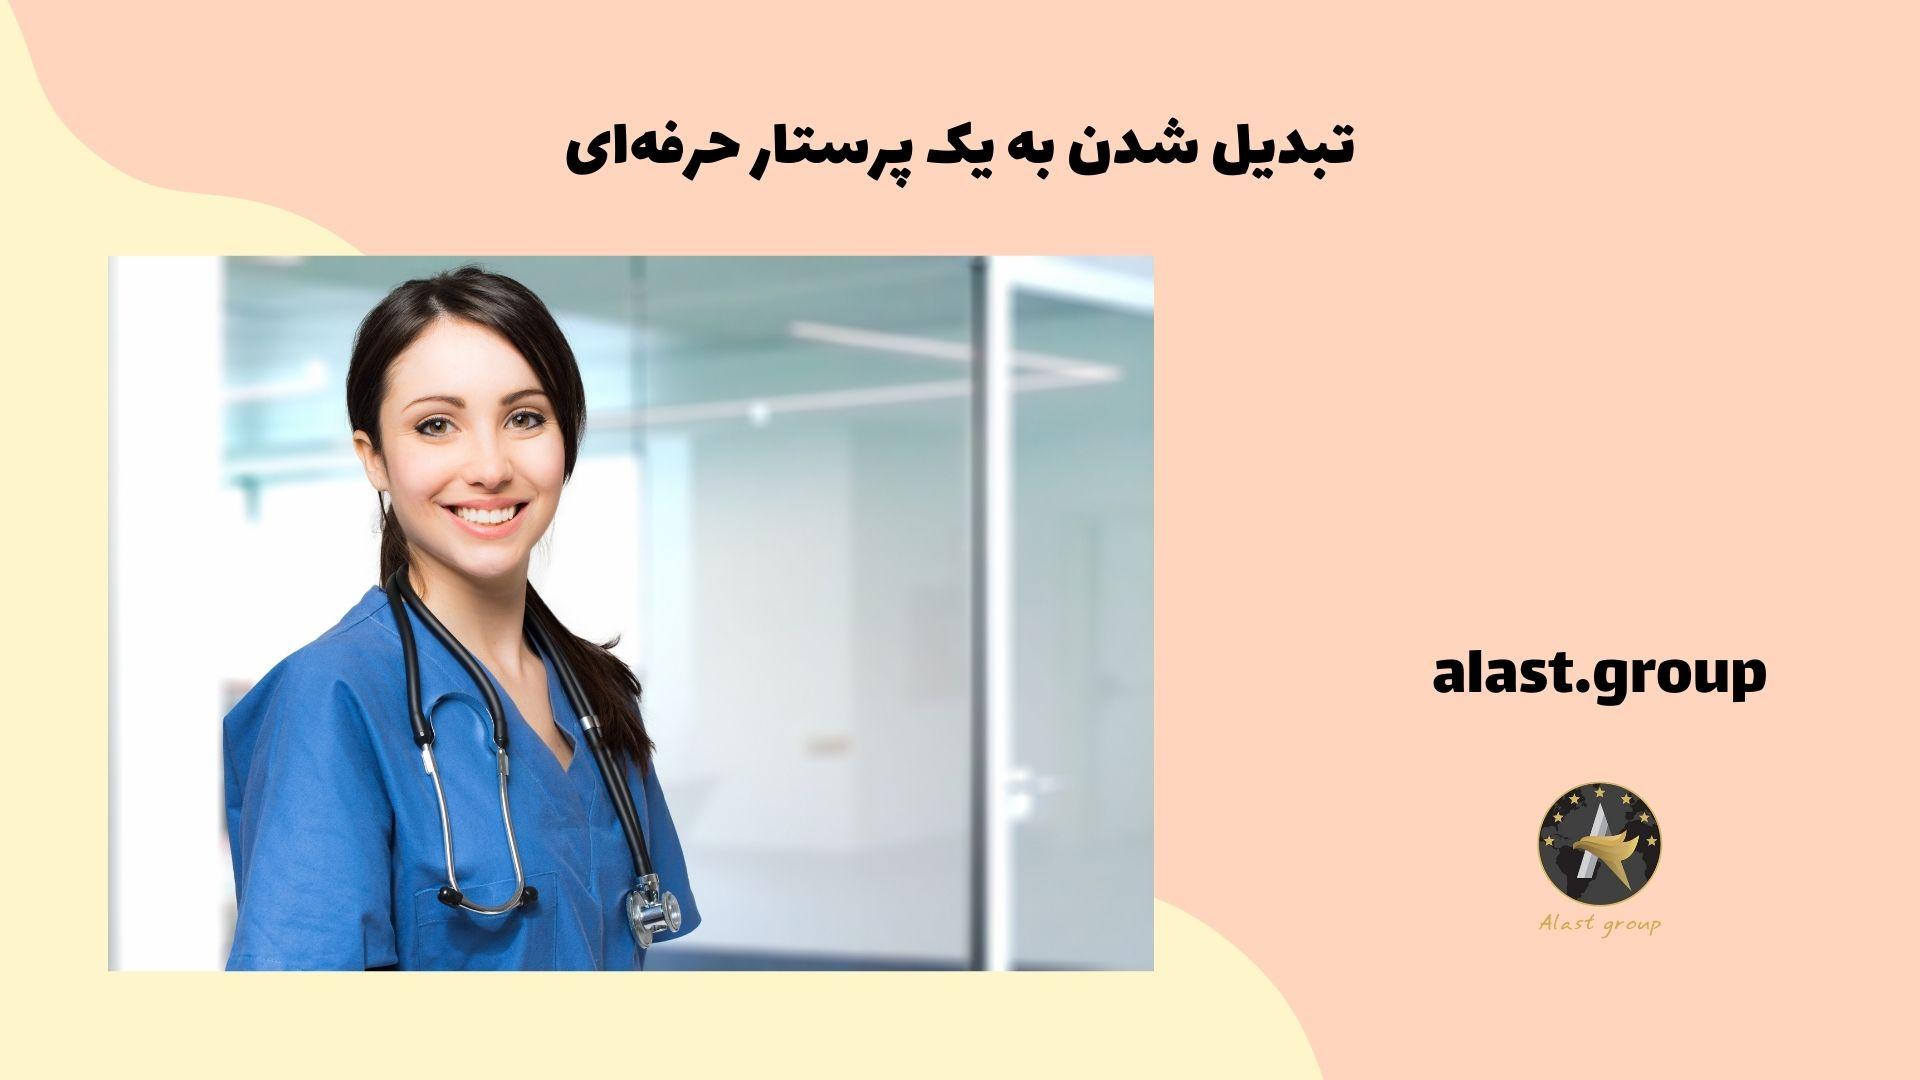 تبدیل شدن به یک پرستار حرفهای